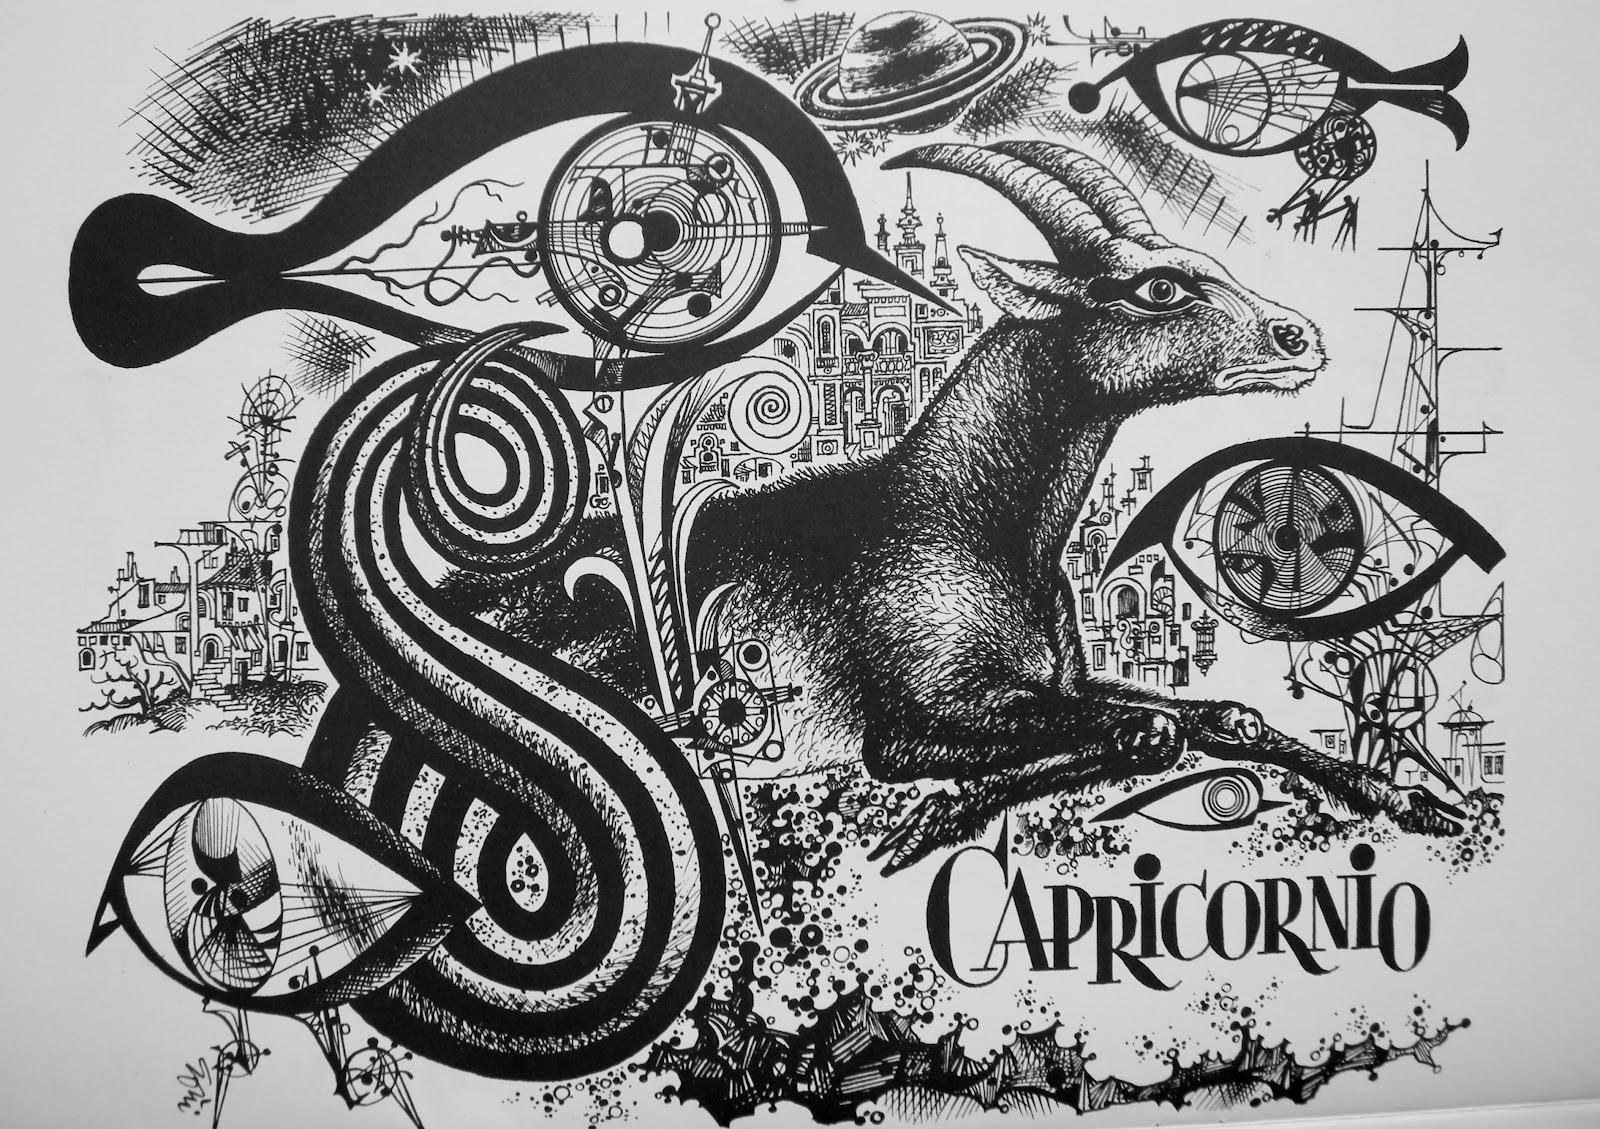 Zuraca tv compatibilidad de signos 2012 capricornio - Signos del zodiaco de tierra ...